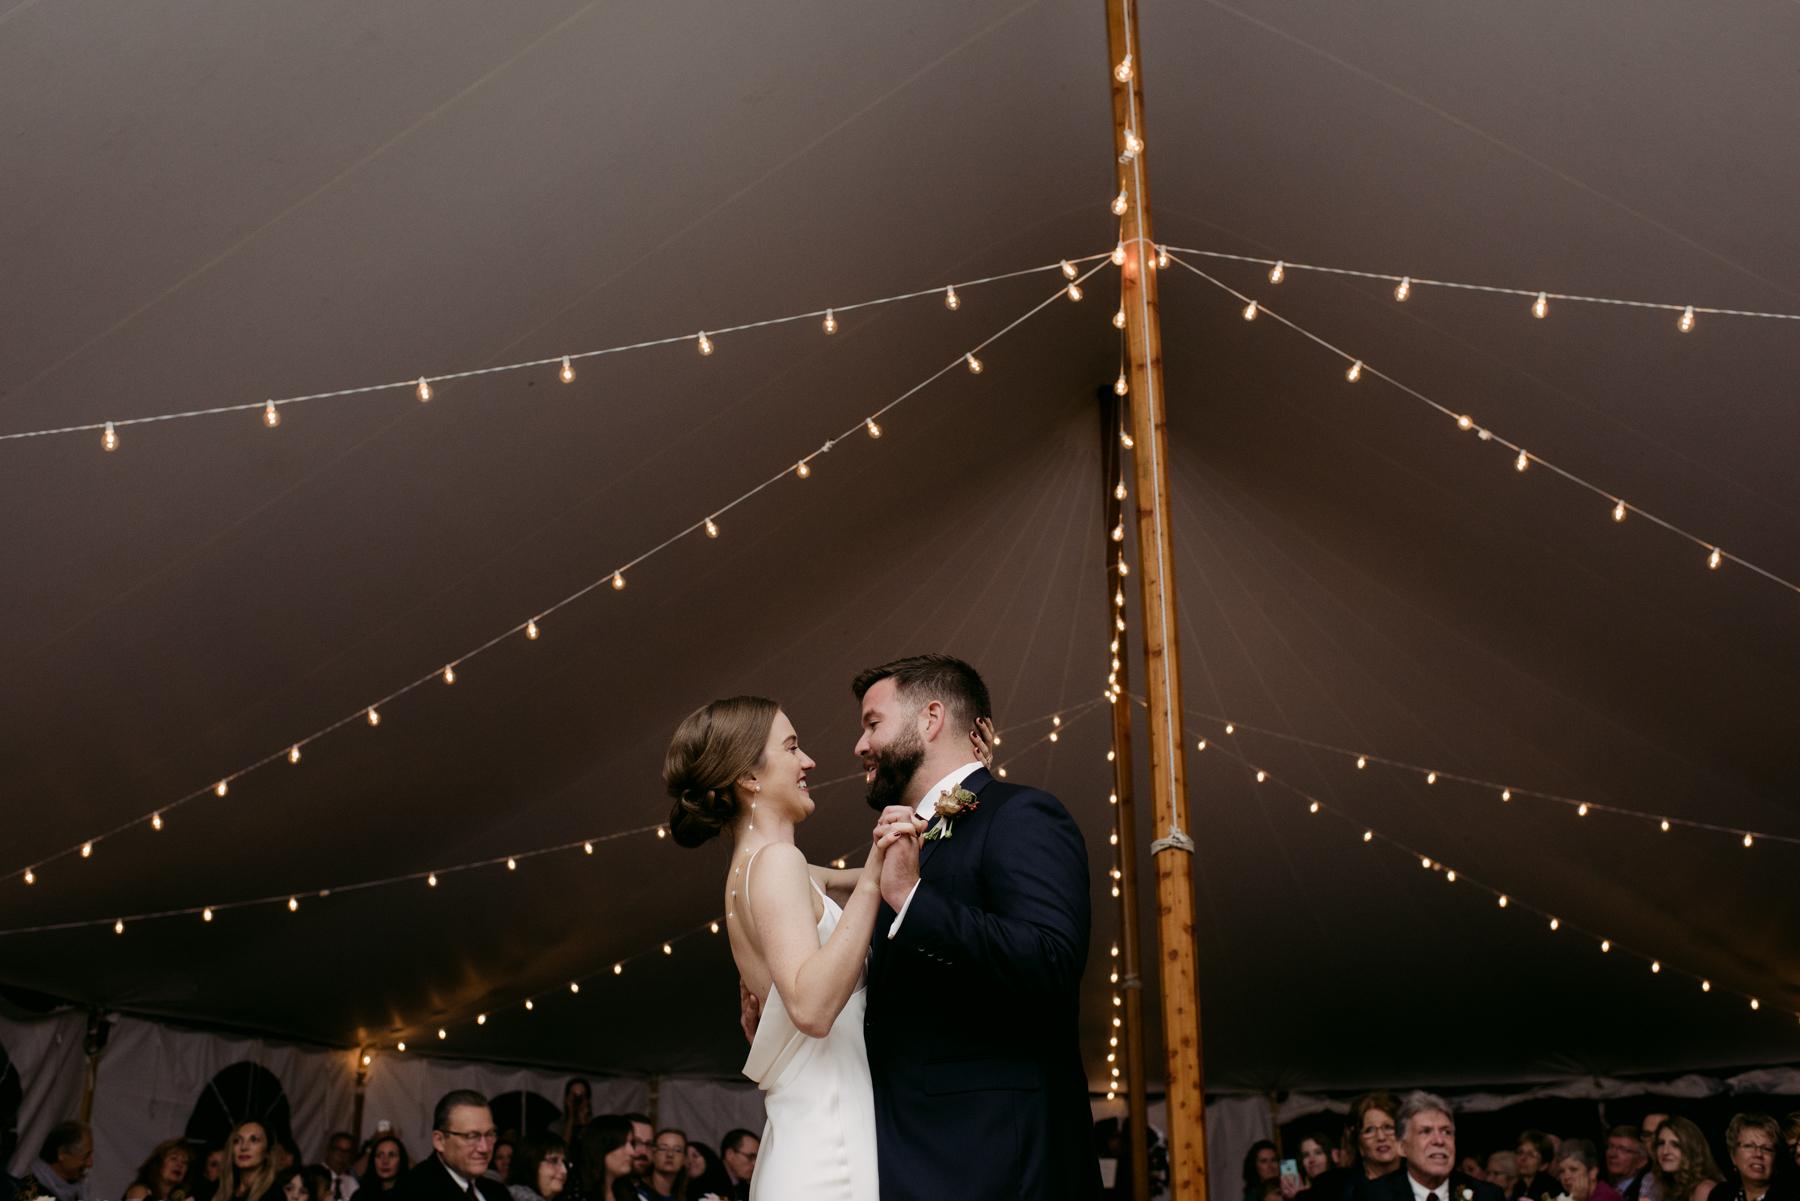 Hamilton_House_wedding_maine_Leah_Fisher_Photography-38.jpg